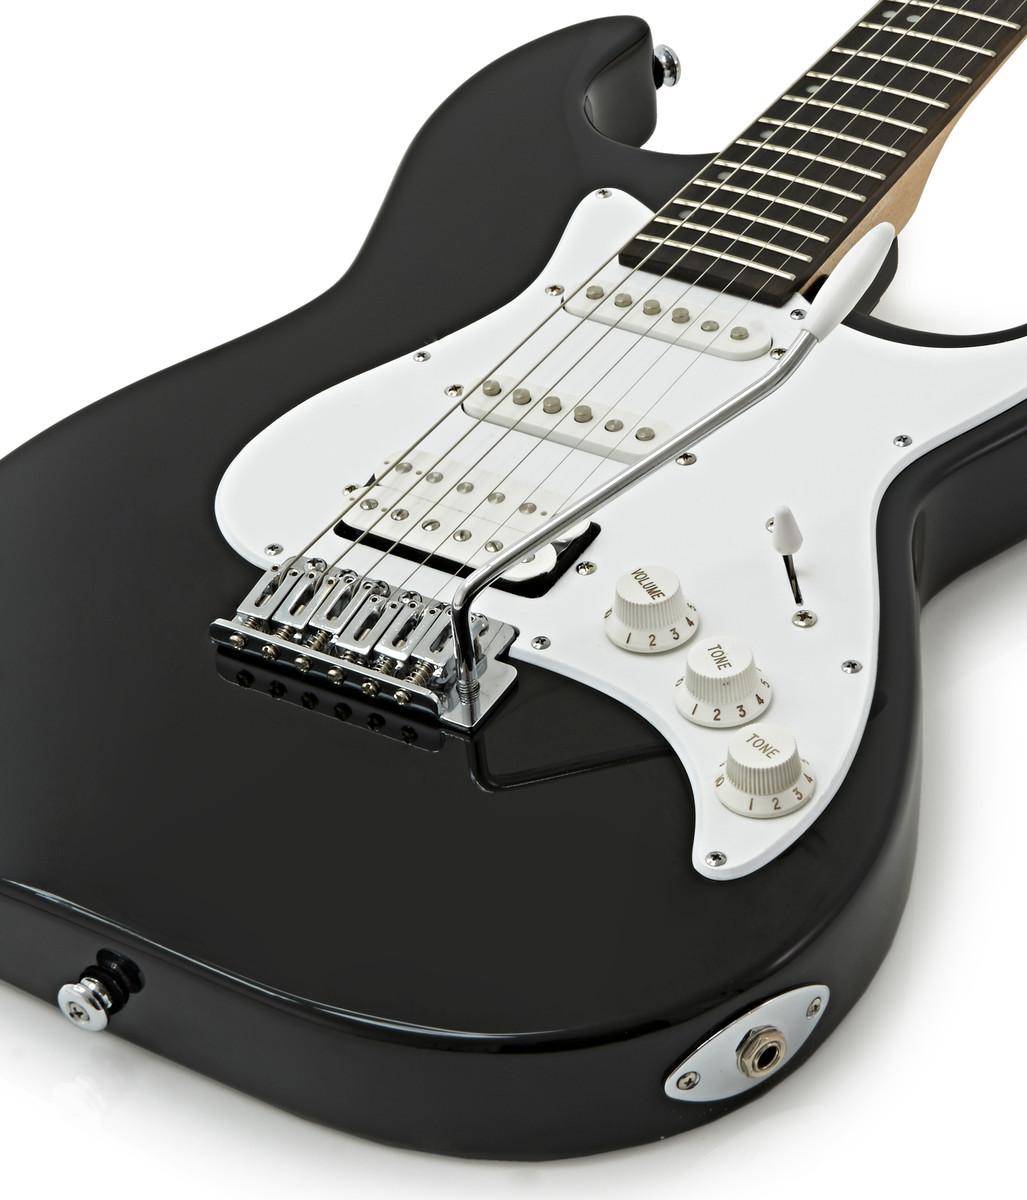 disc greg bennett malibu mb 2 electric guitar black at. Black Bedroom Furniture Sets. Home Design Ideas